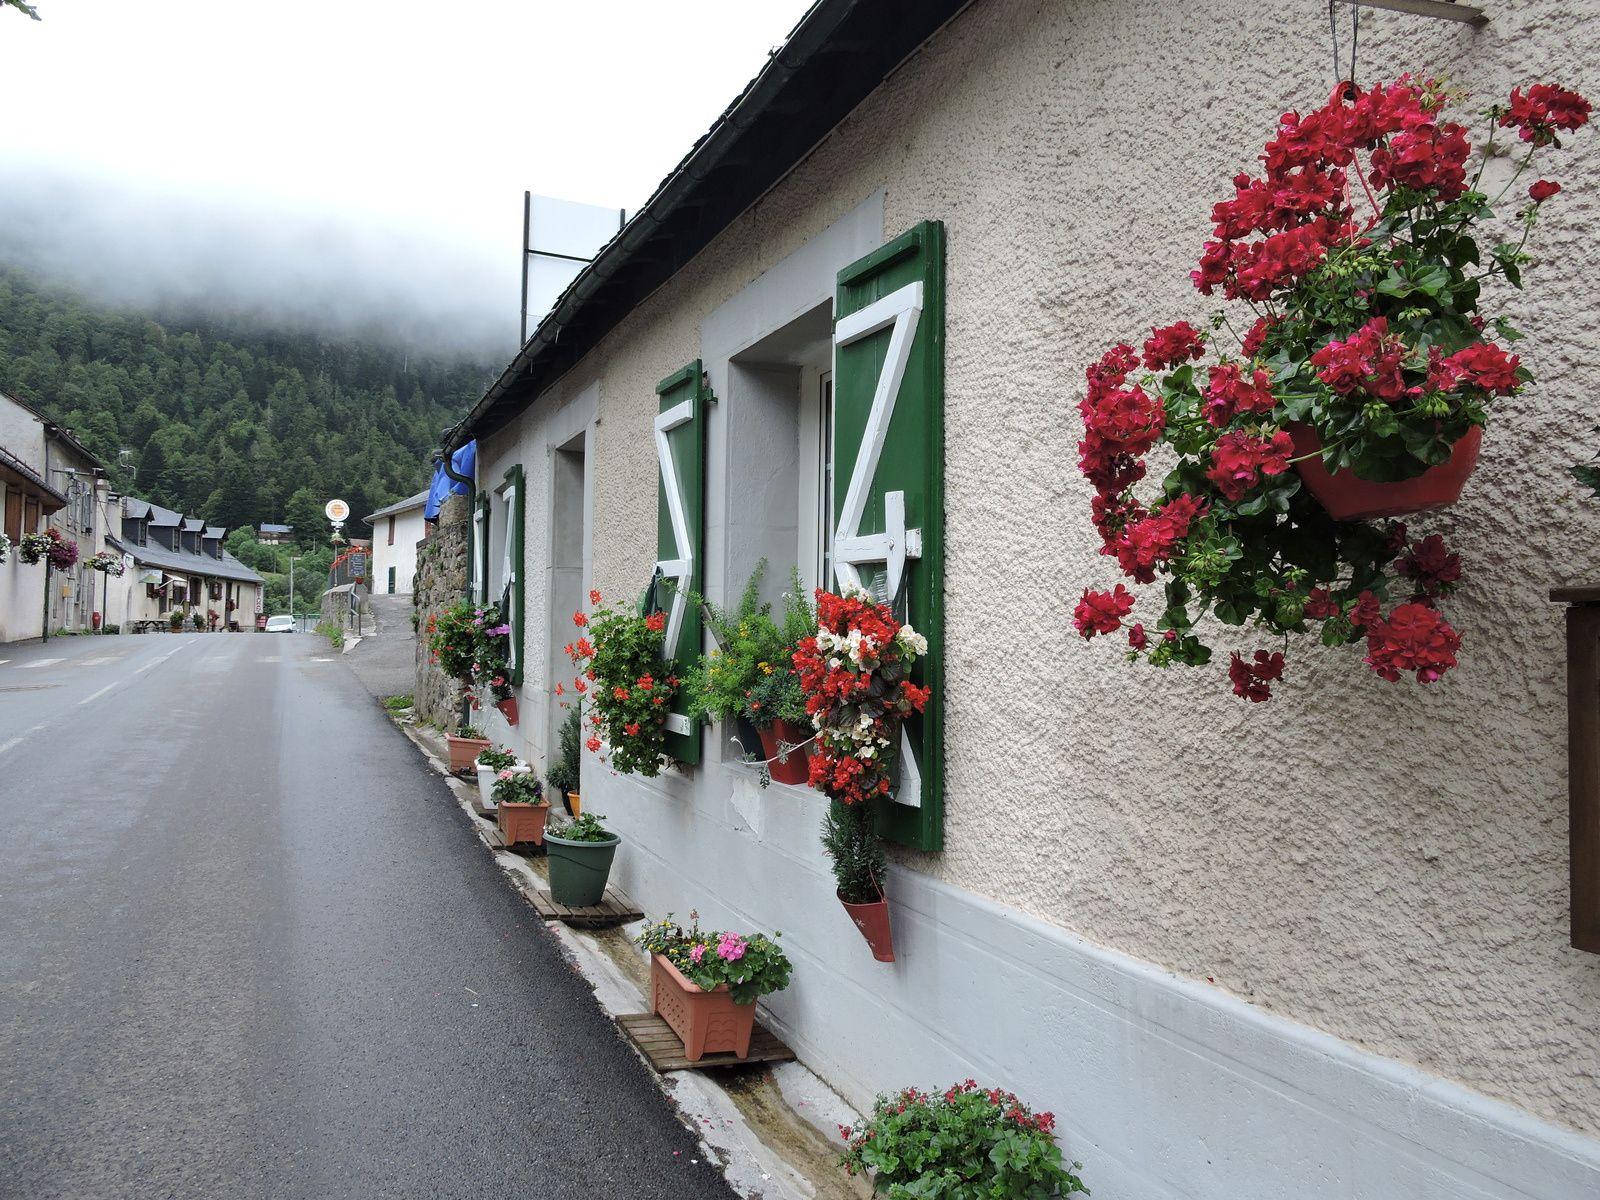 Gabas est un petit village paisible situé sur la route qui mène à la frontière espagnole juste au dessus de Laruns . Il y a un petit restaurant de famille, je l'ai toujours connu ...on y mange bien , ce n'est pas cher , à la cuisine il y a toujours la patronne Madame Turon , 92 ans aidée de ses belles filles ! J'ai toujours vu des patous à l'entrée sur le perron ,deux beaux gros toutous qui regardent passer les voitures ! Les petites maisons sont bien fleuries elles sont posées de chaque côté de la route !